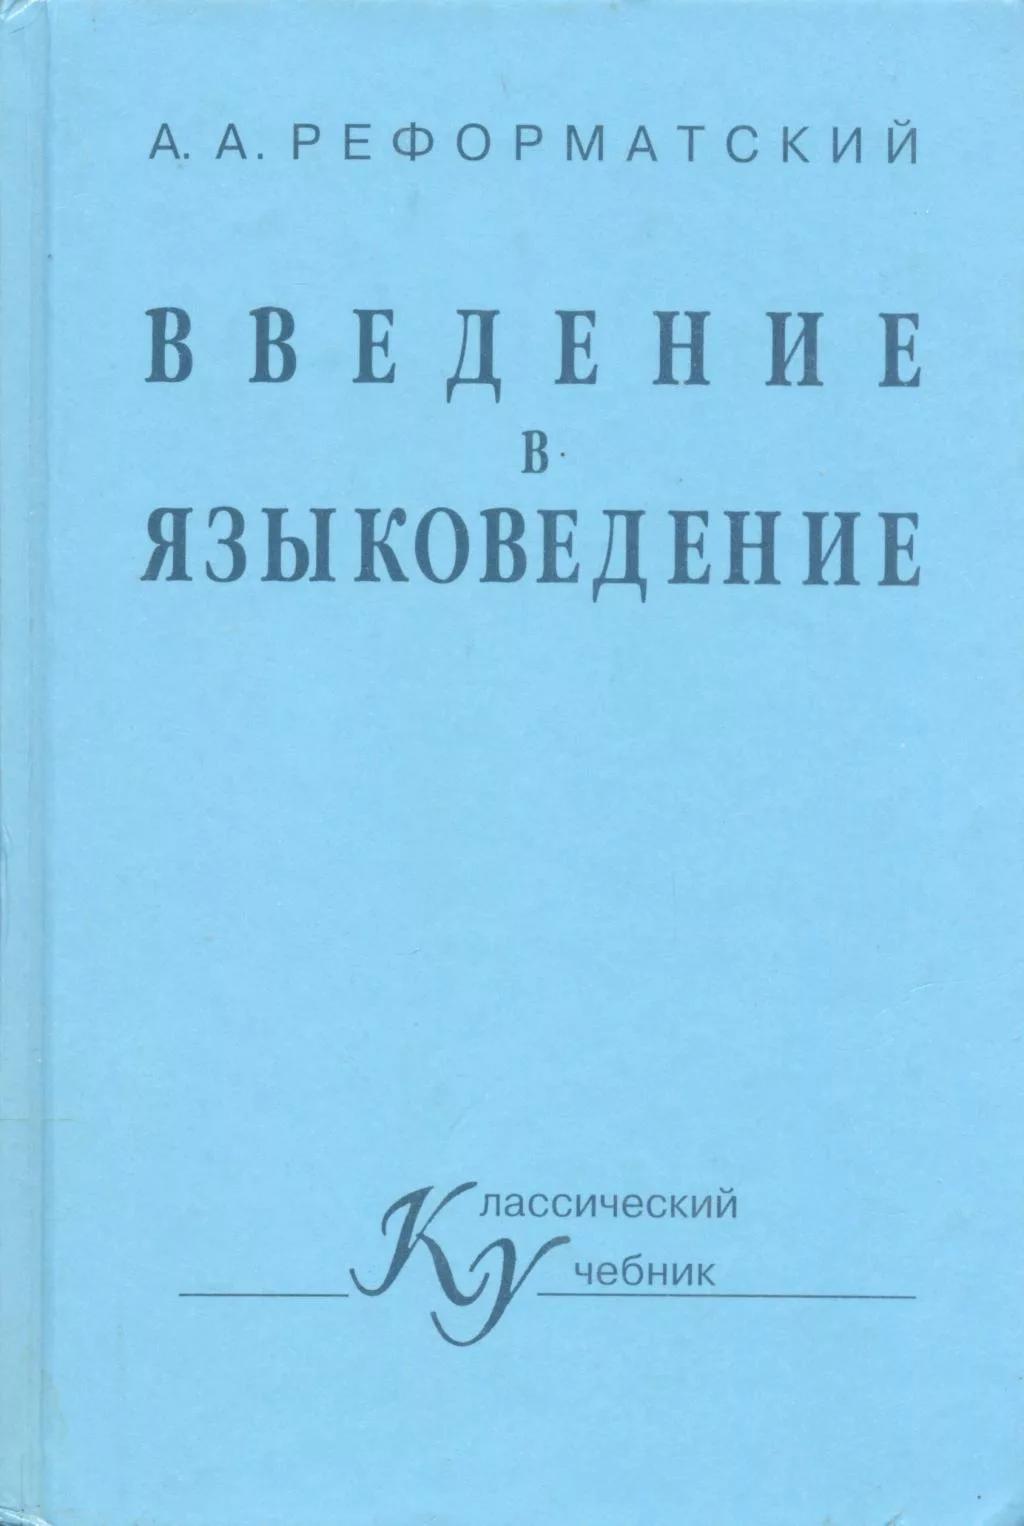 Обложка того самого учебника (одно из недавних изданий)